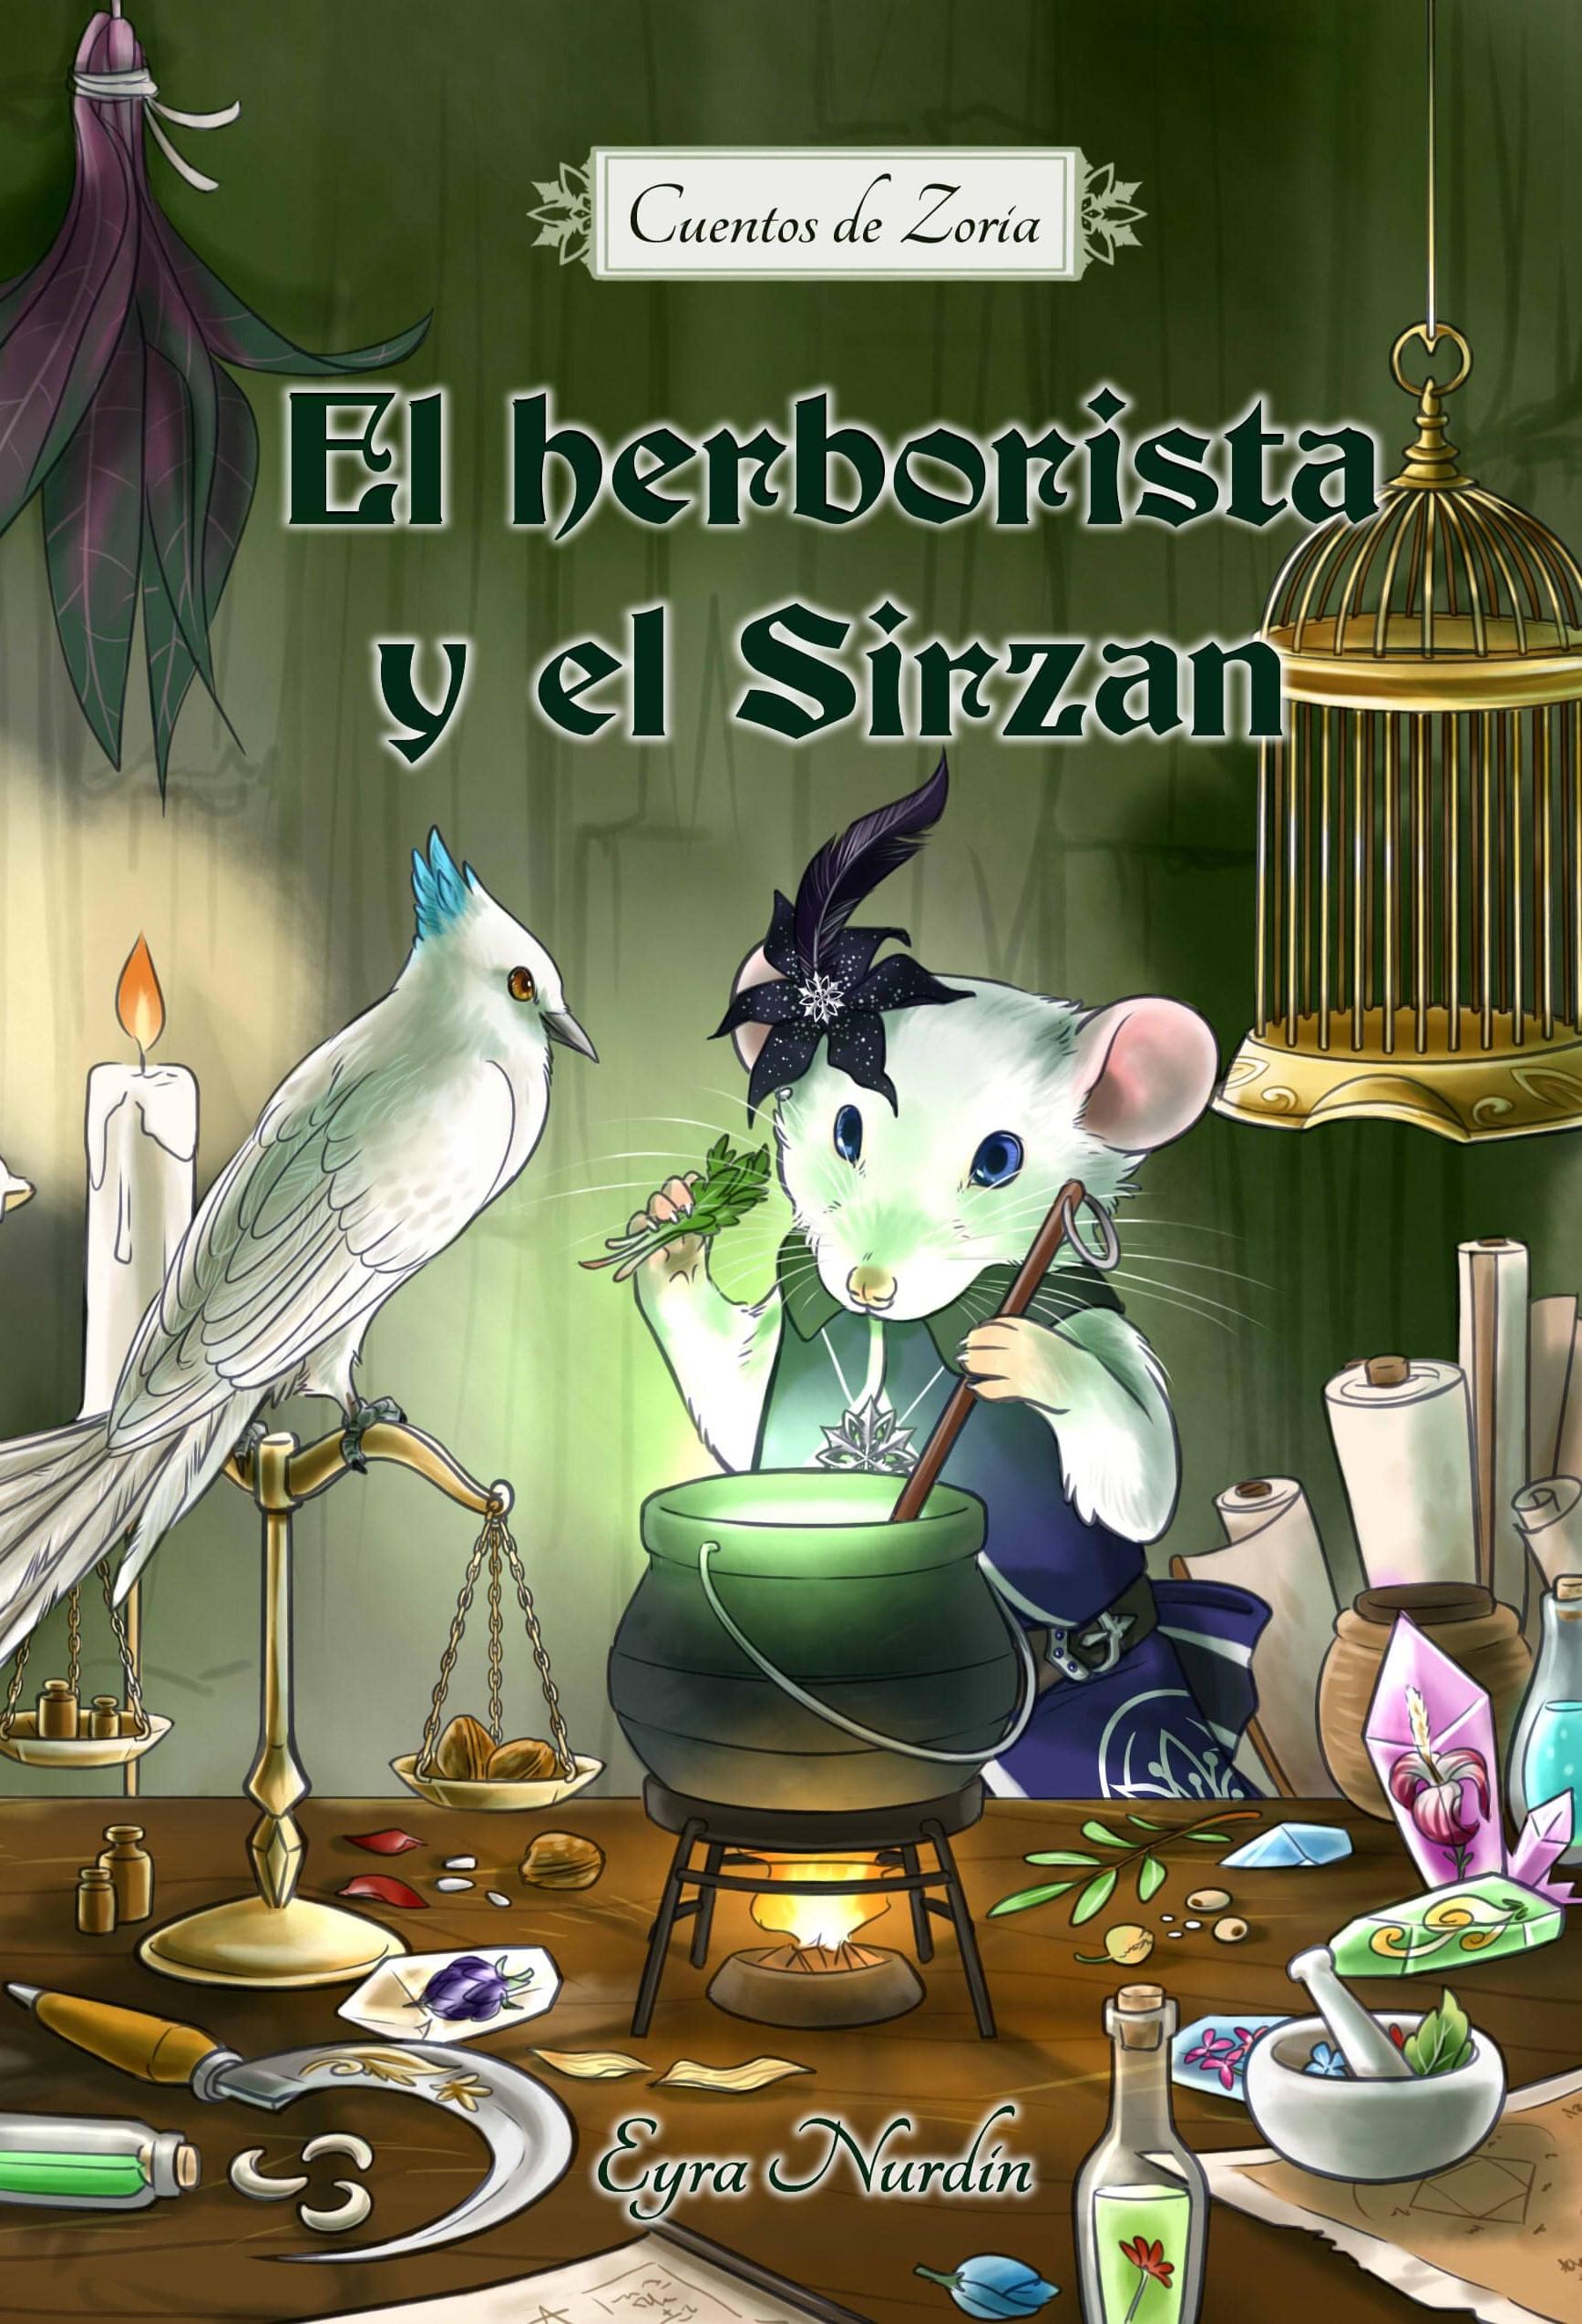 El herborista y el Sirzan